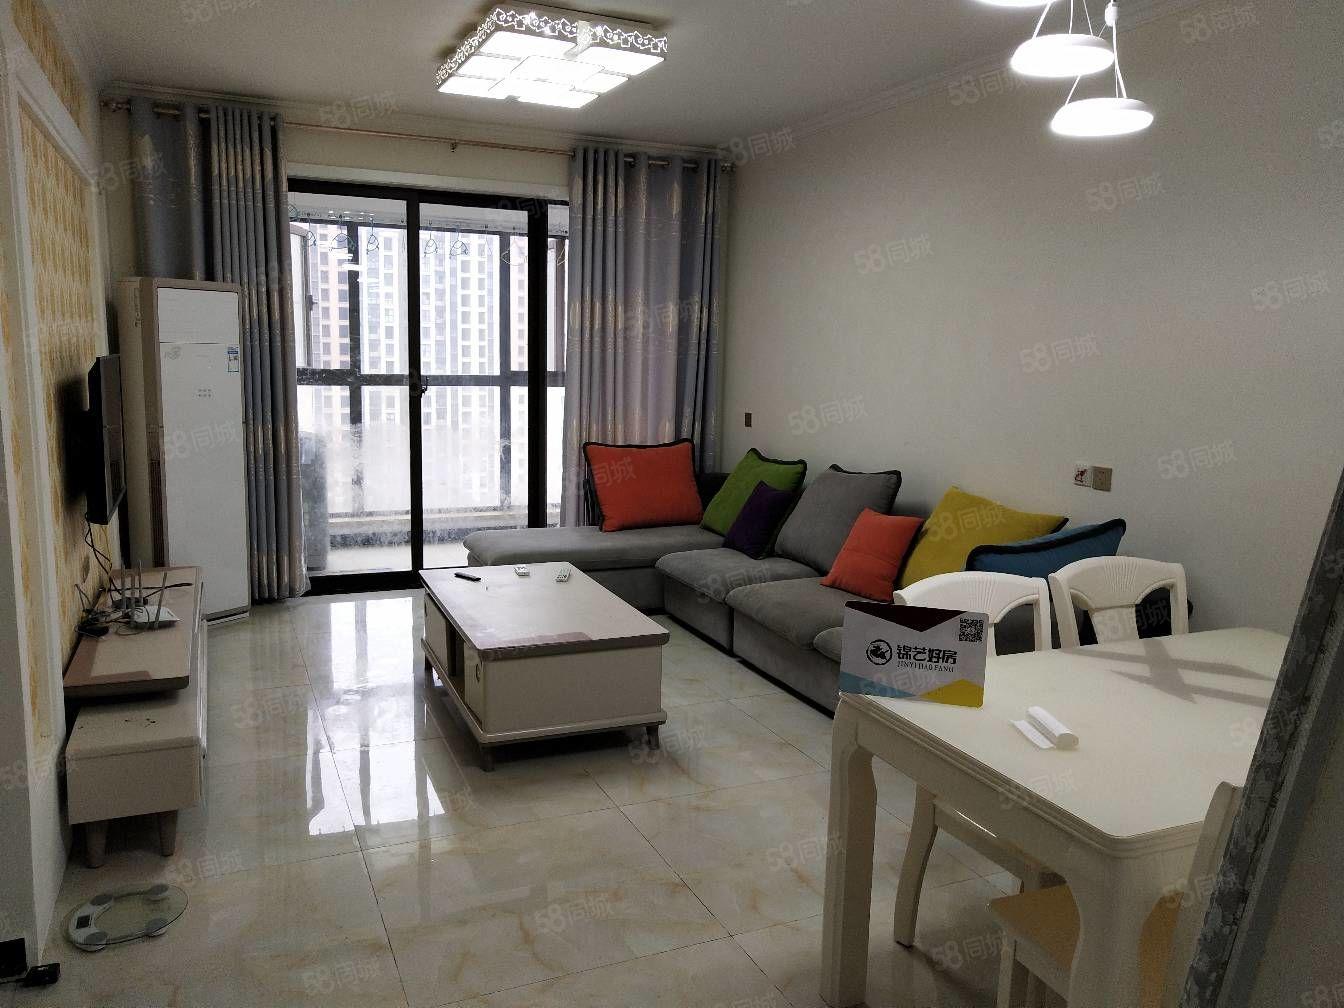 双湖大道龙湖锦艺城精装三室拎包入住装修一年多了